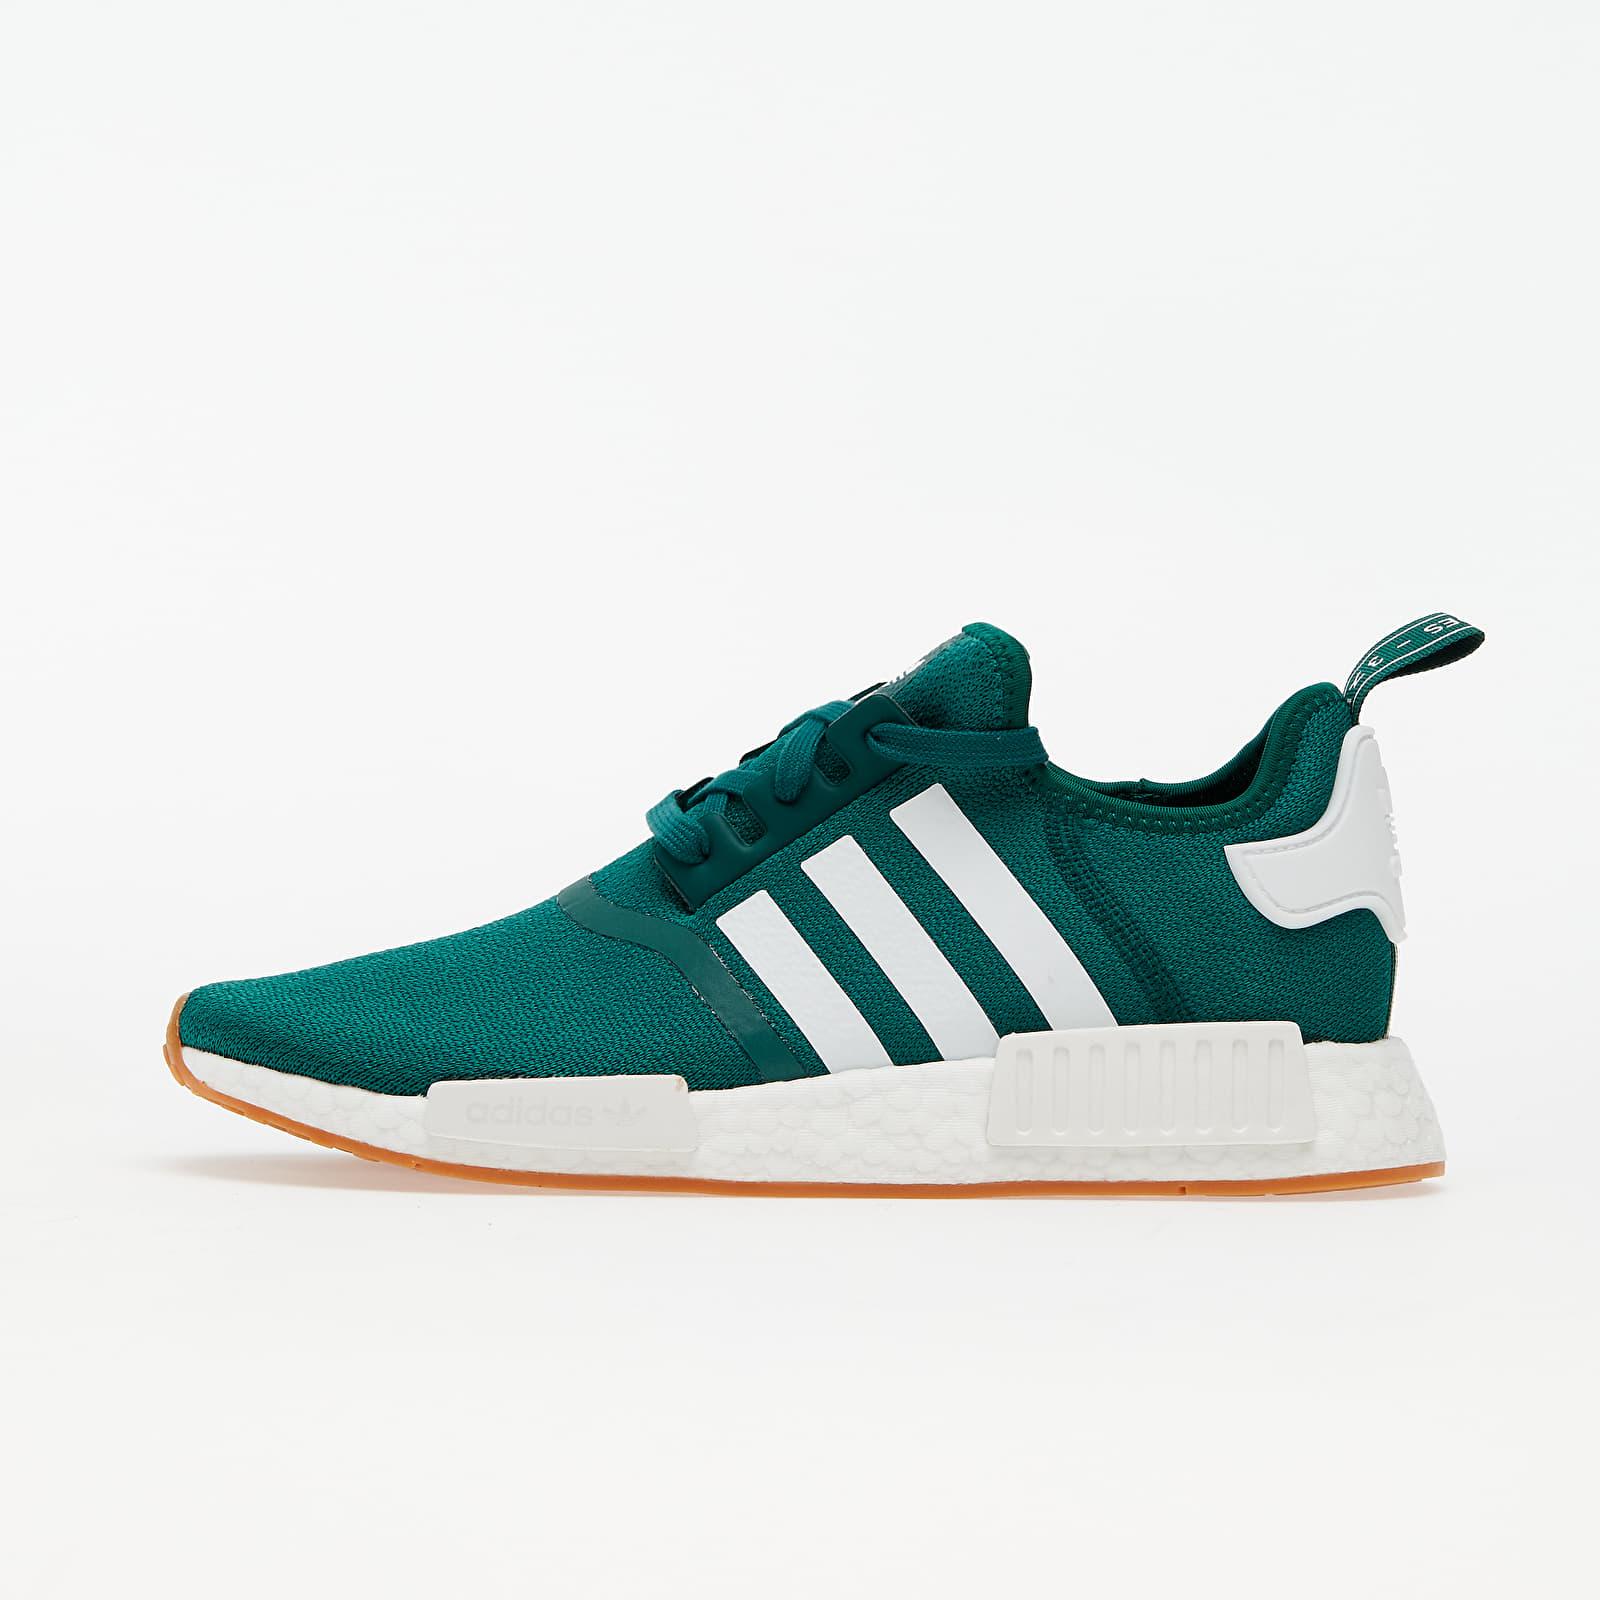 adidas NMD_R1 Core Green/ Ftw White/ Gum 3 EUR 42